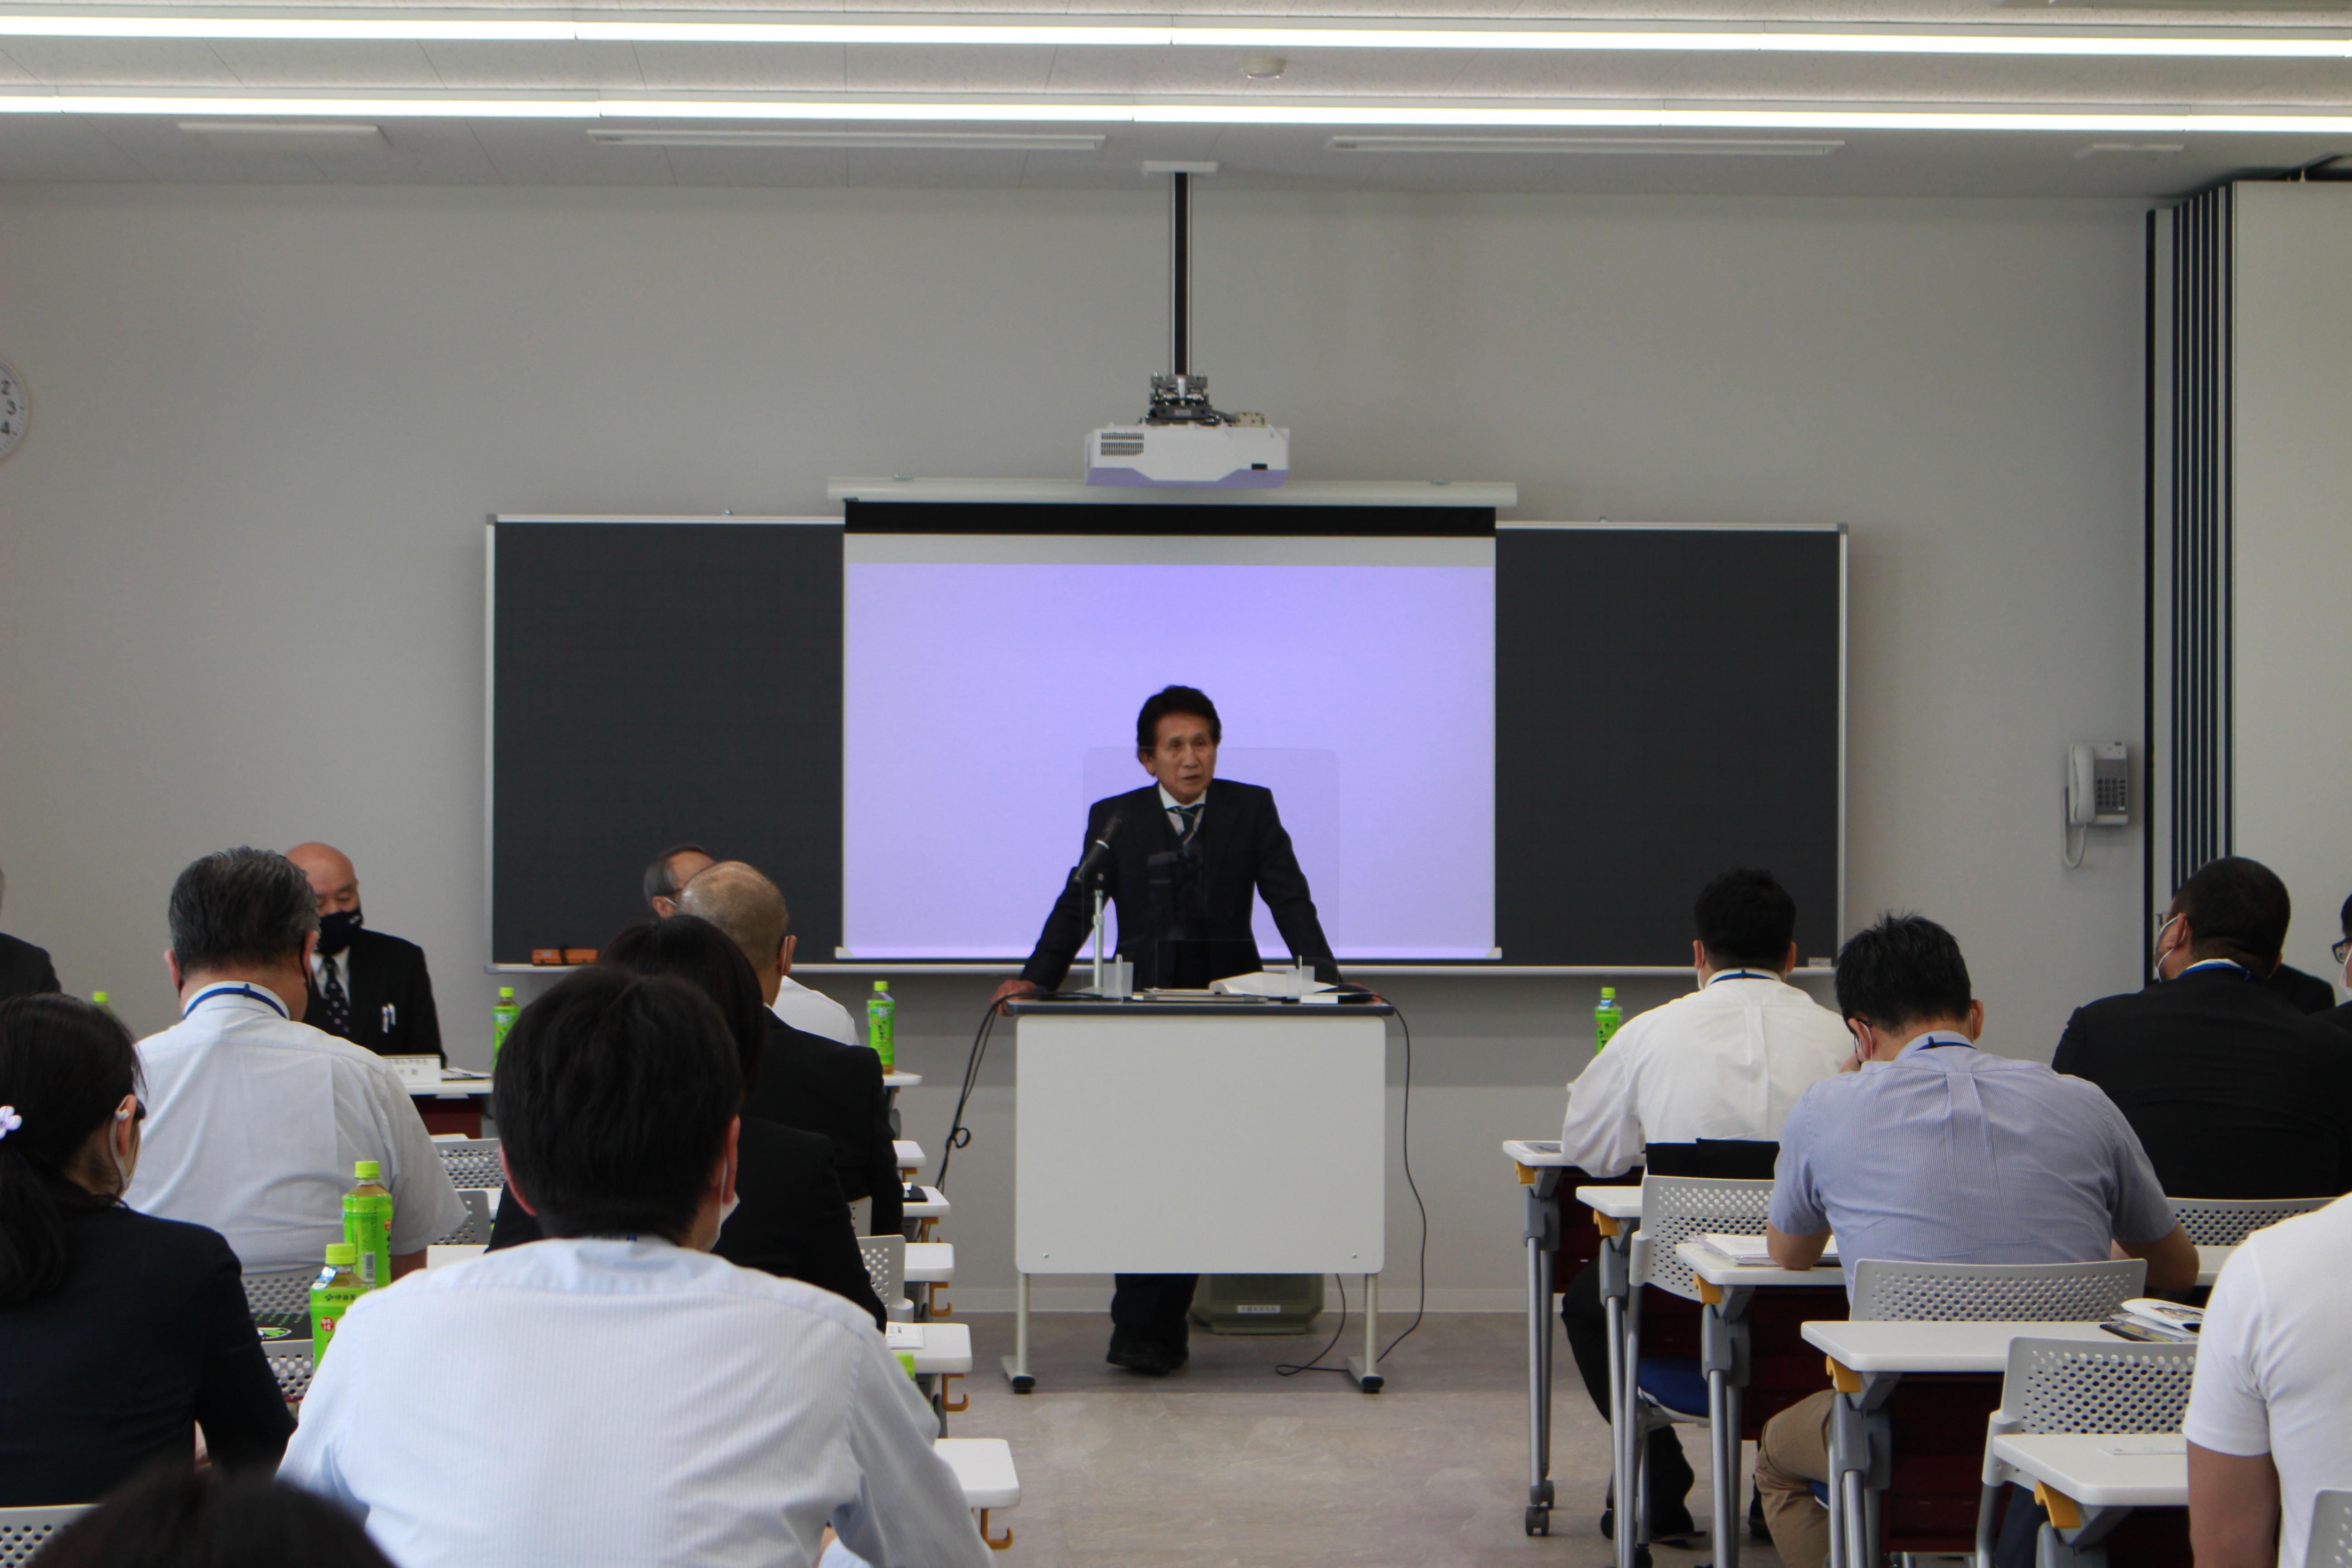 高等学校教諭対象説明会及び情報交換会が開催されました